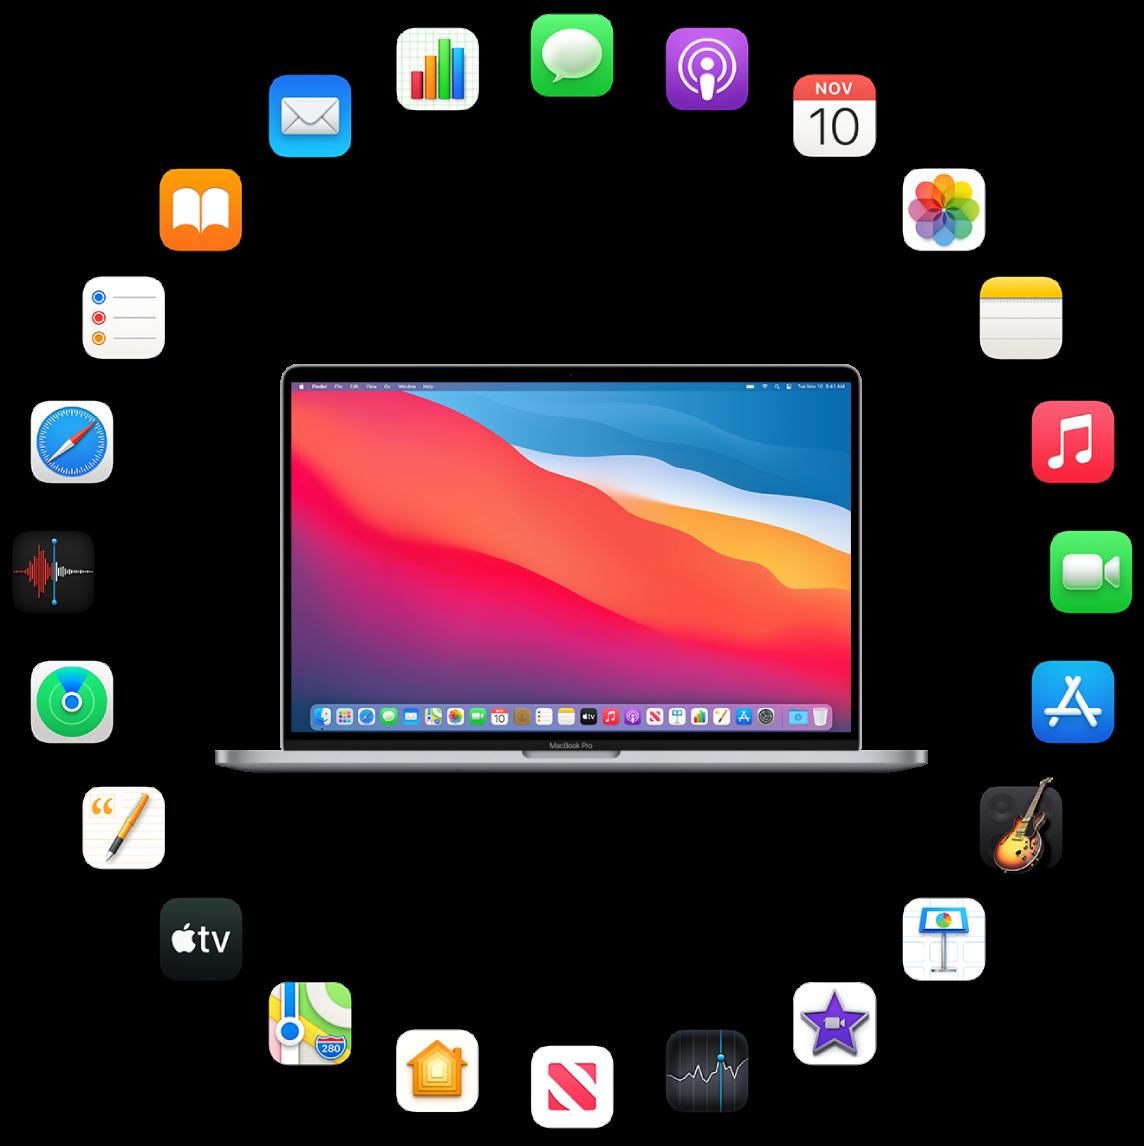 جهاز MacBookPro محاط بأيقونات للتطبيقات المضمنة والتي يتم وصفها في الأقسام التالية.